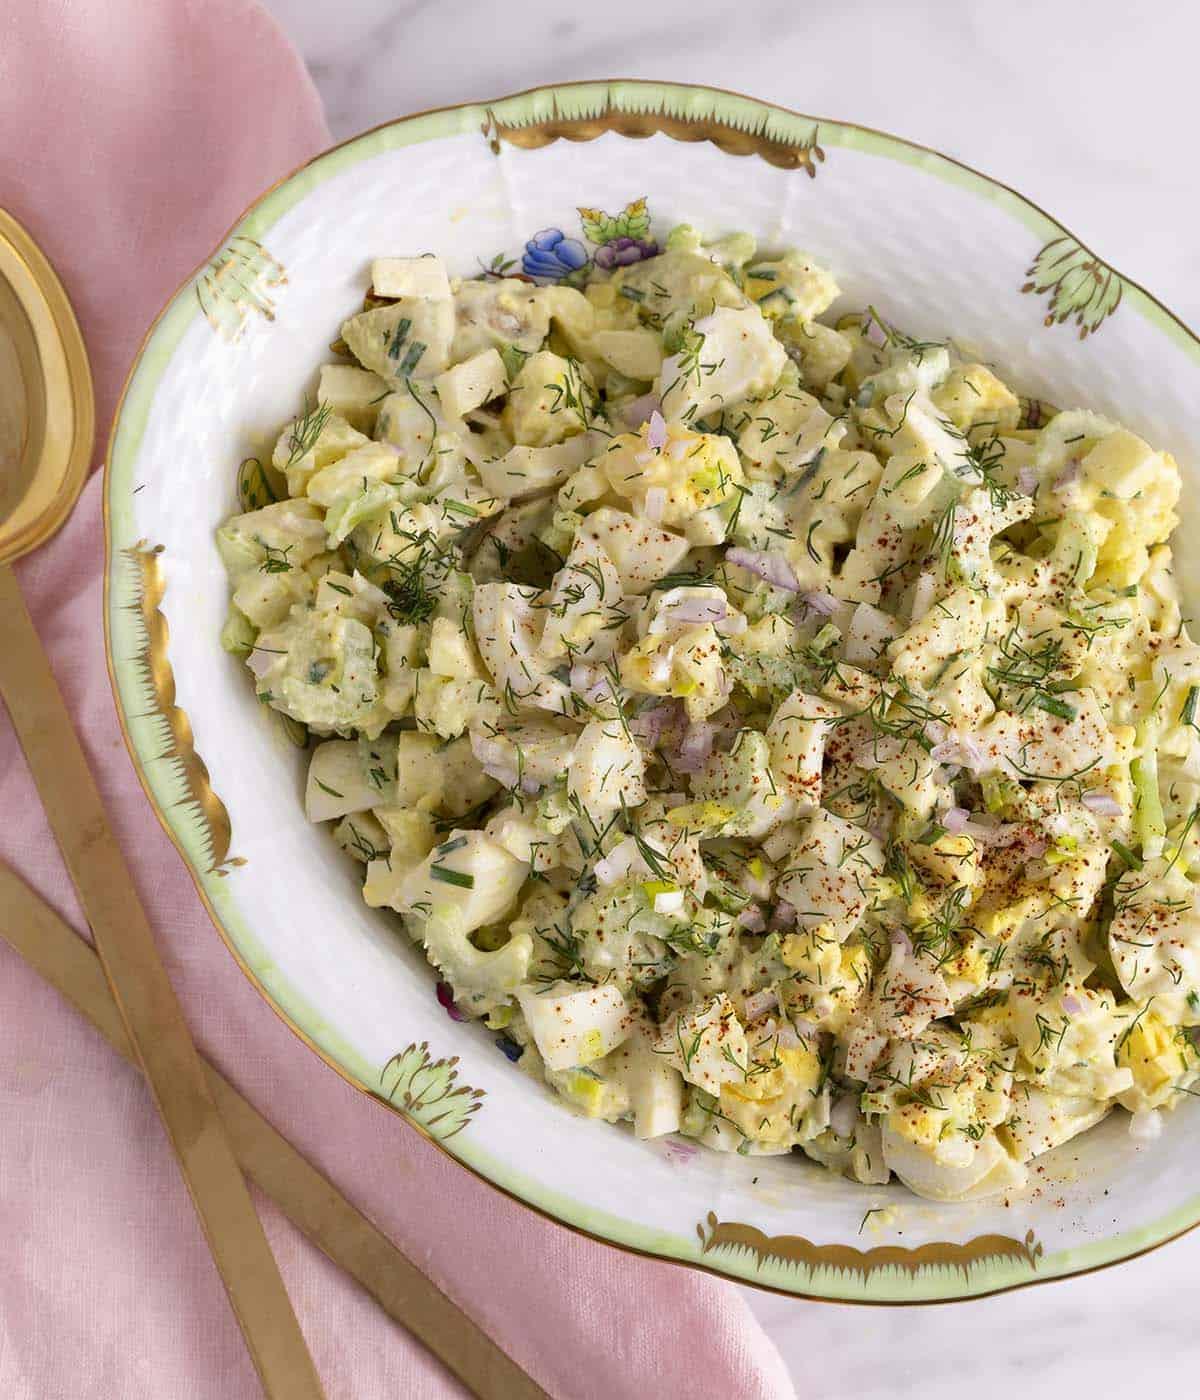 A big porcelain bowl of egg salad.